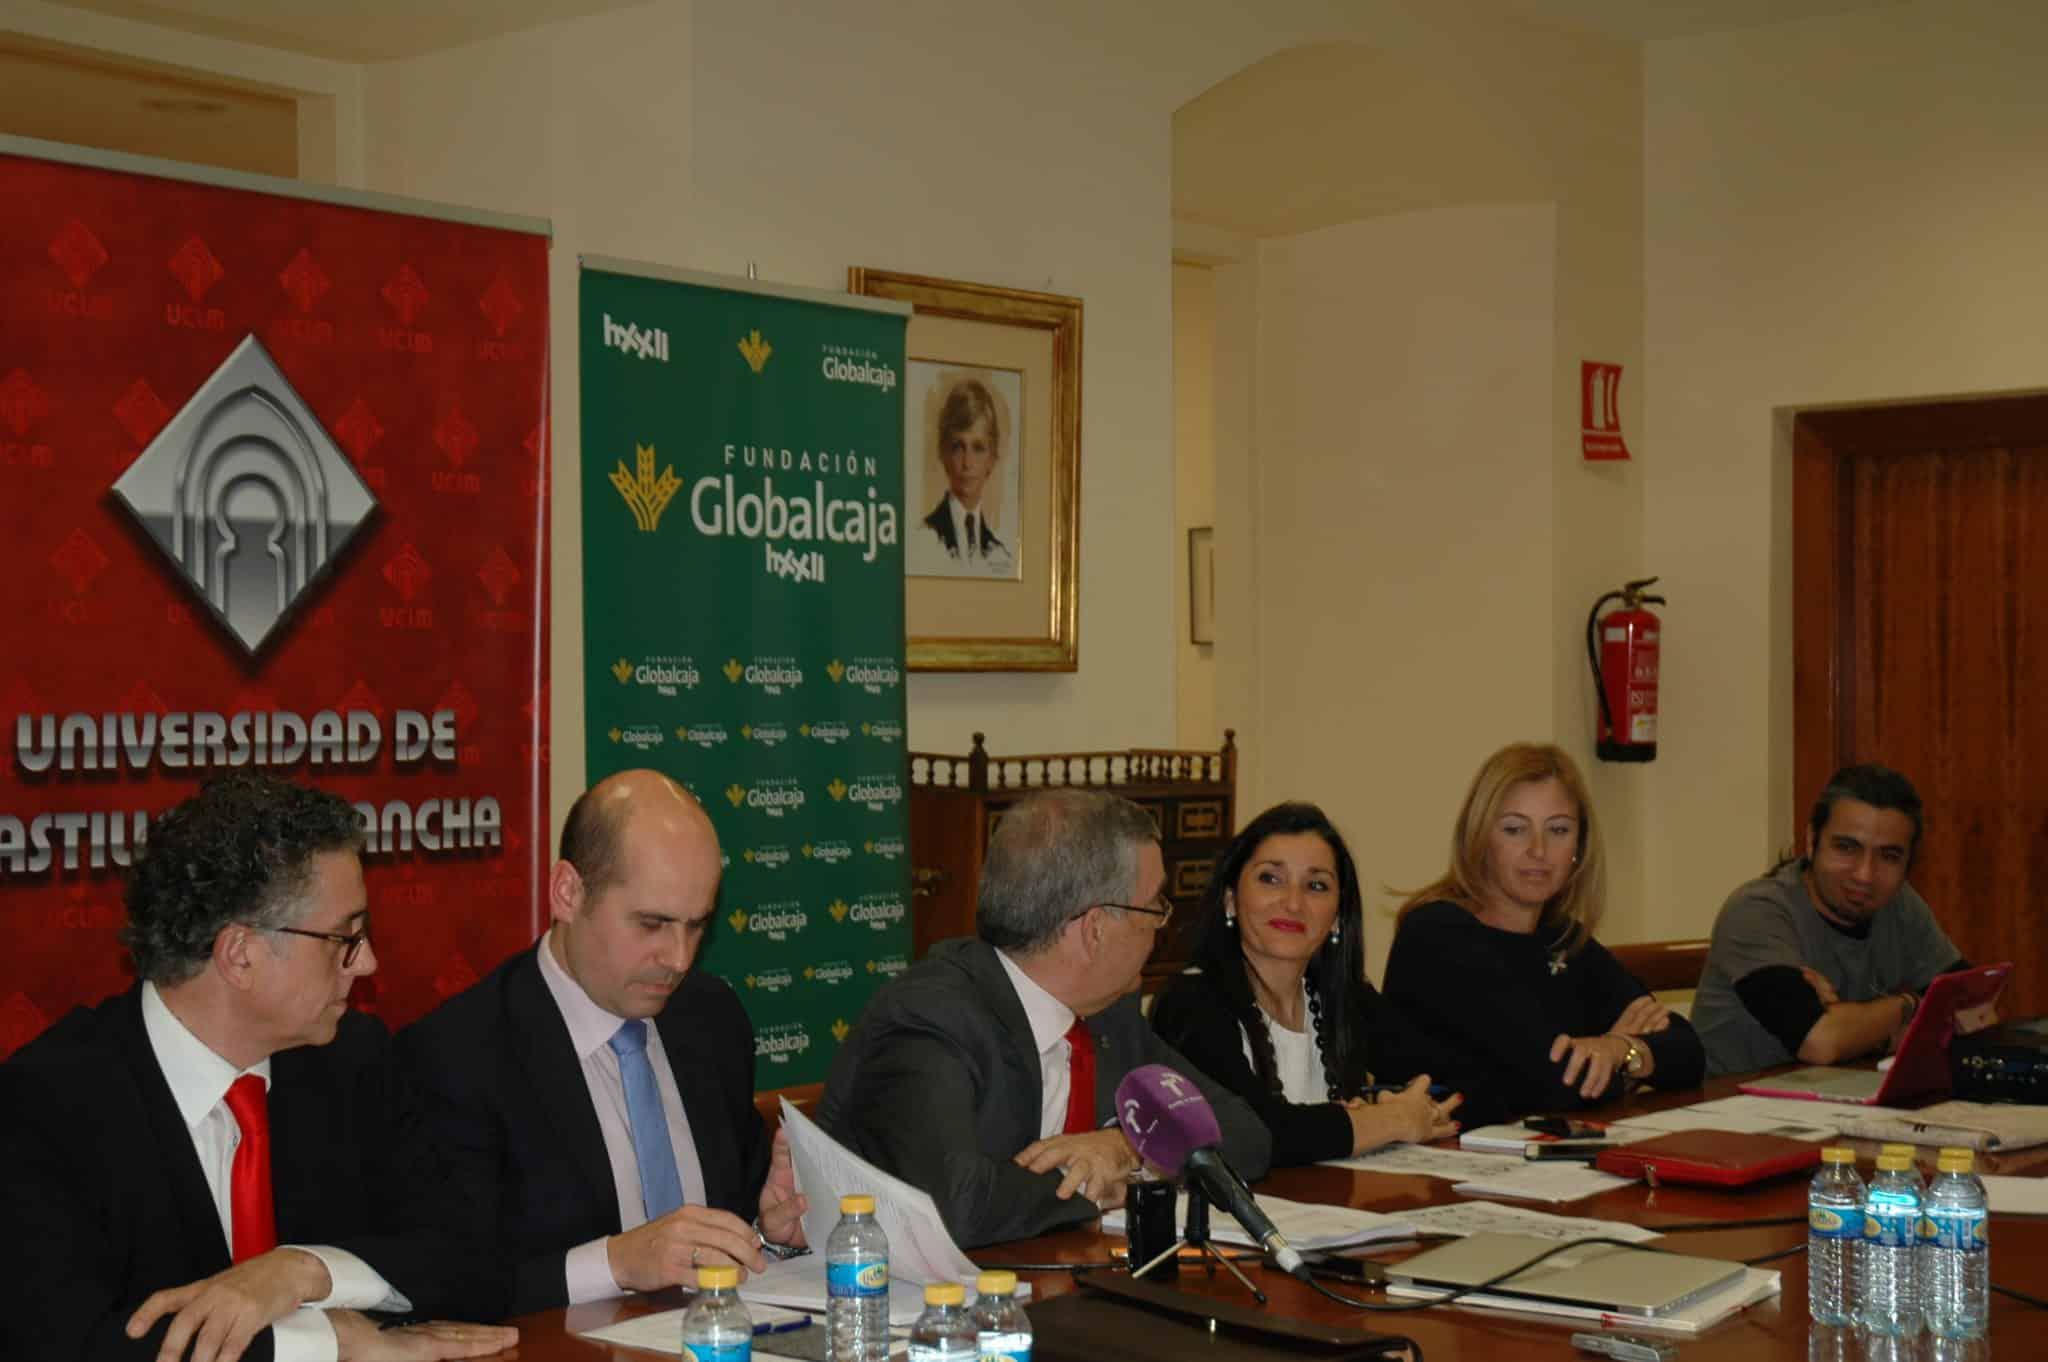 https://blog.globalcaja.es/wp-content/uploads/2015/12/Presentacion-GEM-A.jpg